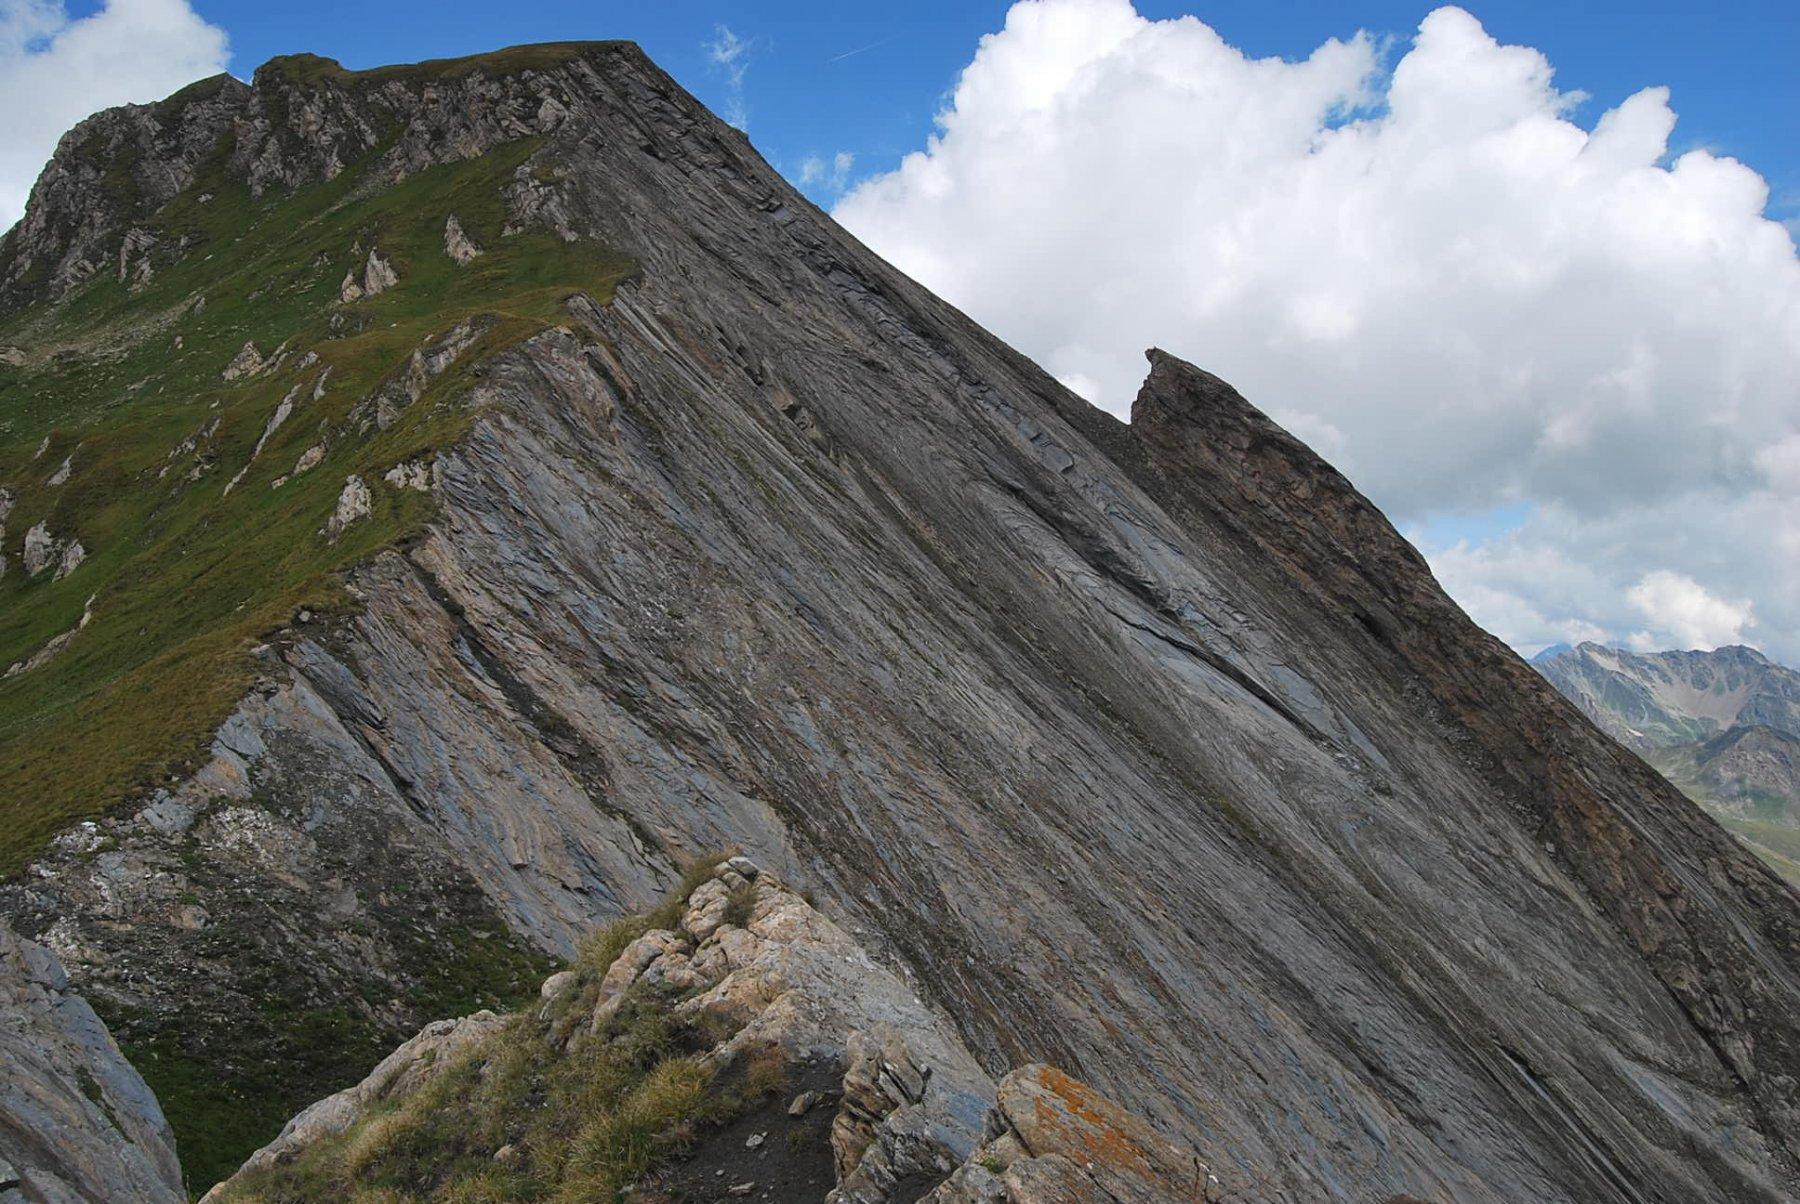 Immagine d'obbligo: l'impressionante placca rocciosa del Creton du Midi